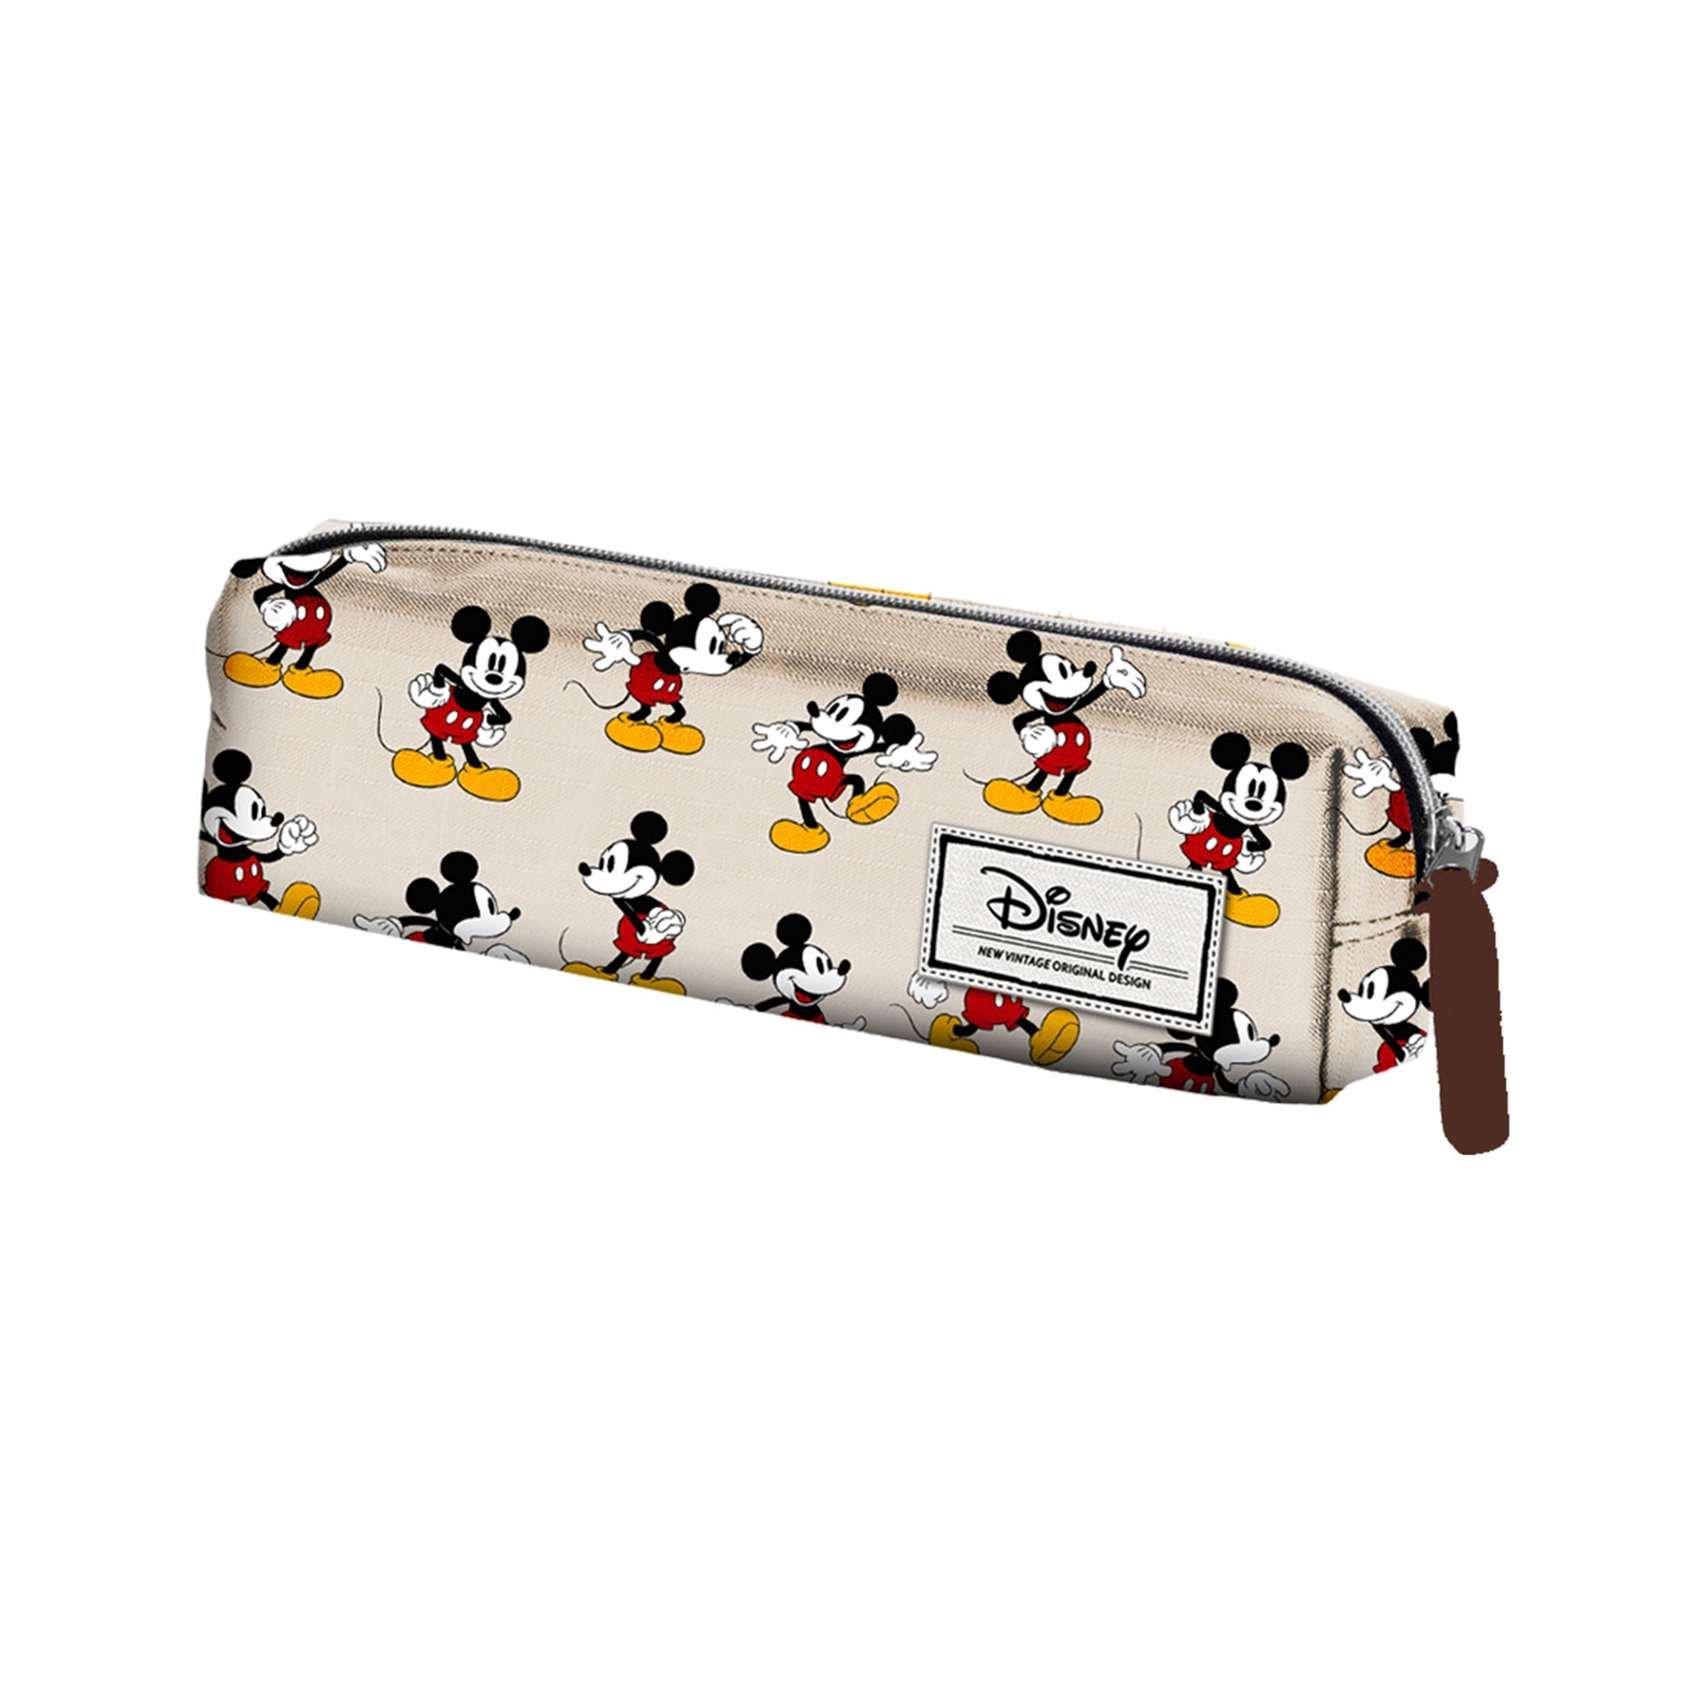 Mickey Mouse Estuche portatodo Cuadrado, Color Beige, 22 cm (Karactermanía 33609), disney classic topolino, poliéster: Amazon.es: Juguetes y juegos